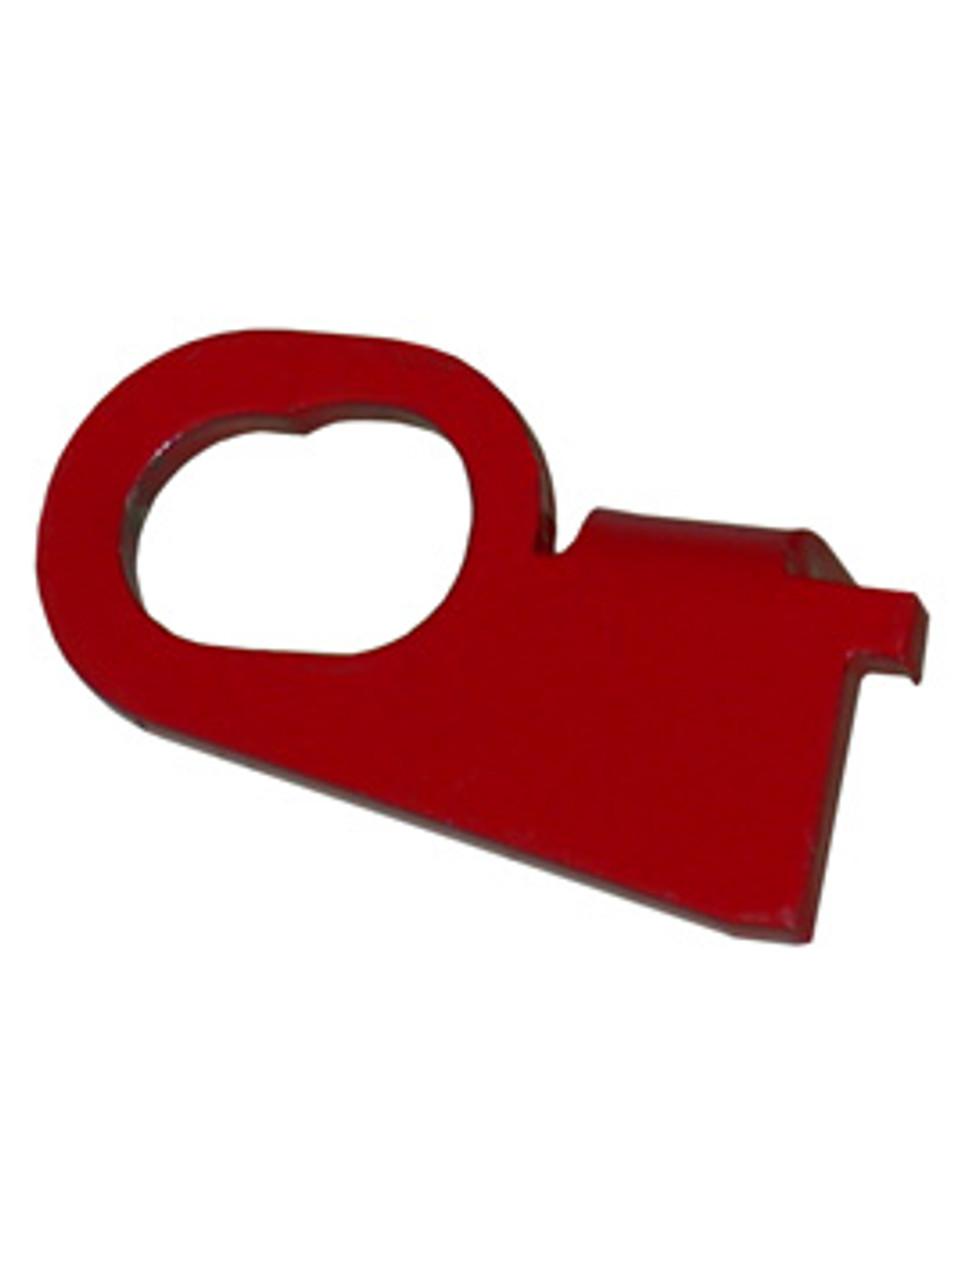 13592-10 --- Demco DA91BZ Lock Out Lever